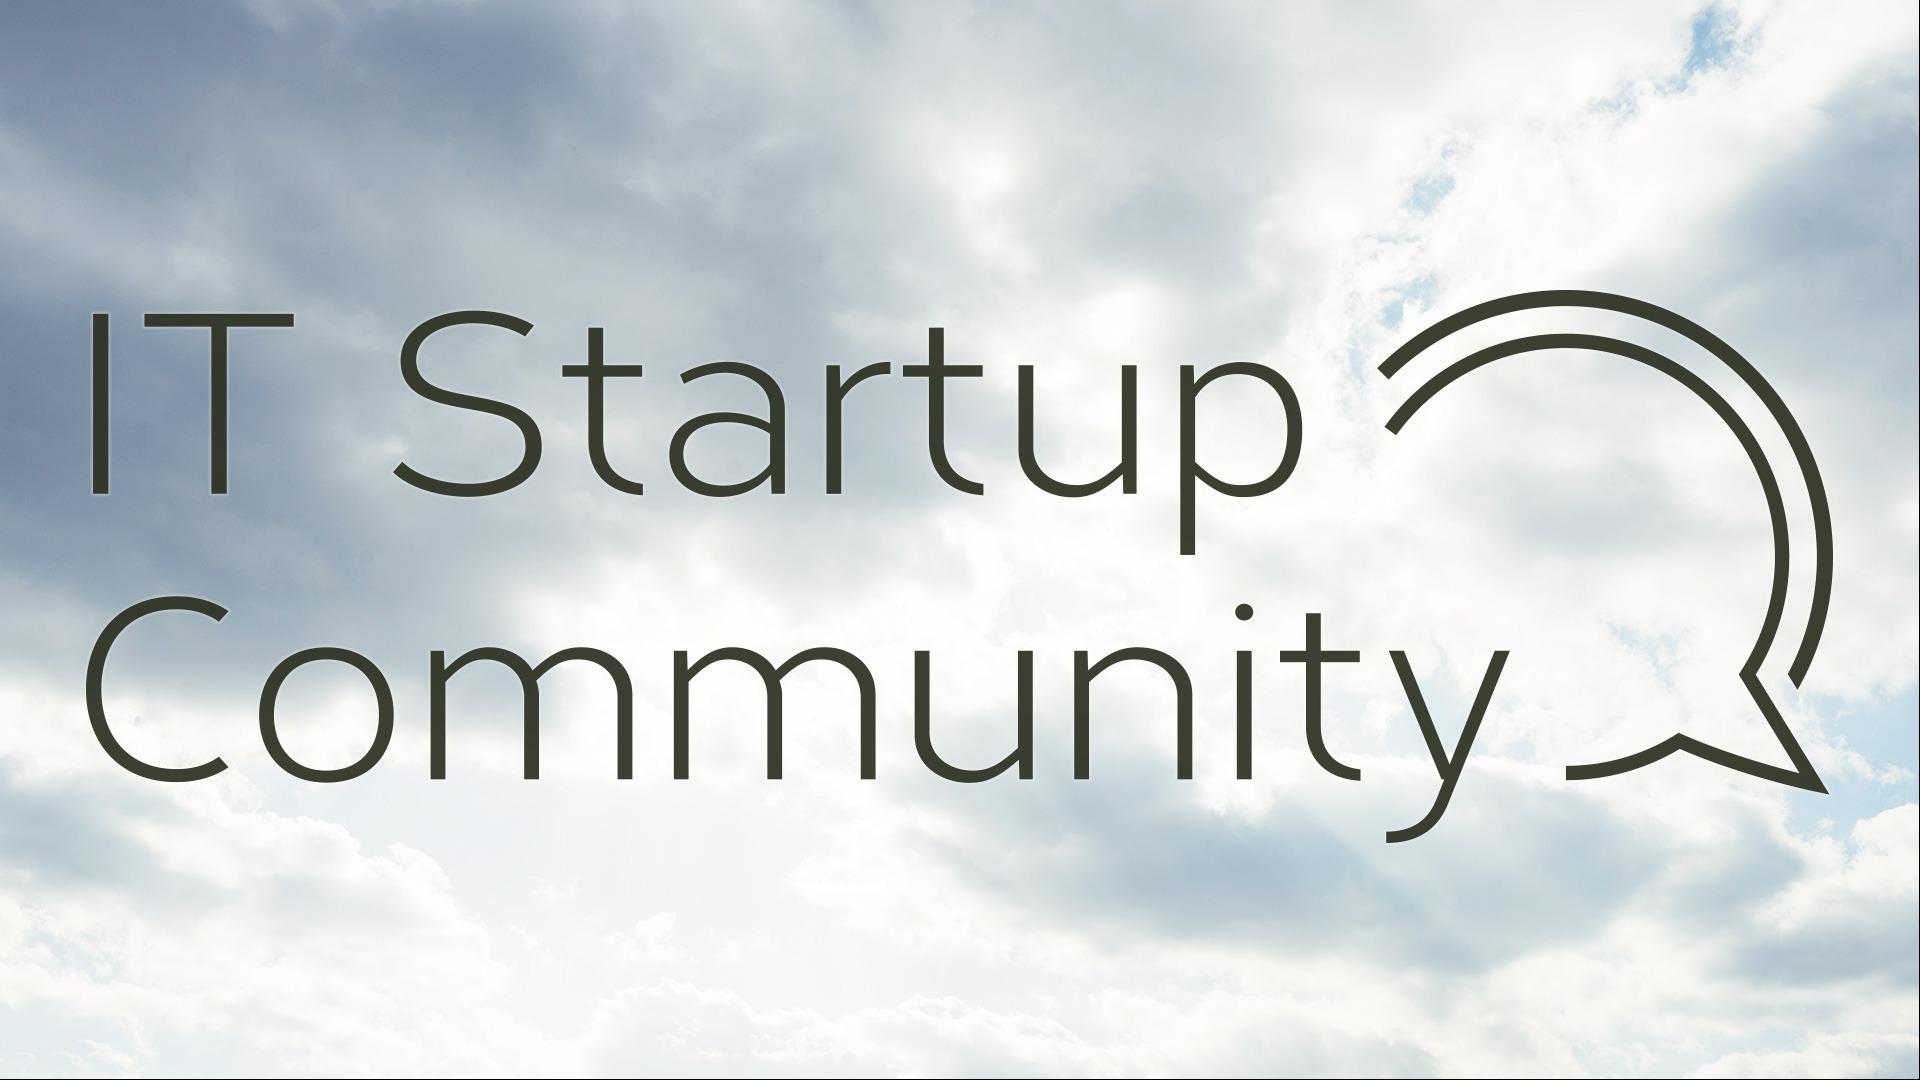 池森裕毅 - IT Startup Community - DMM オンラインサロン